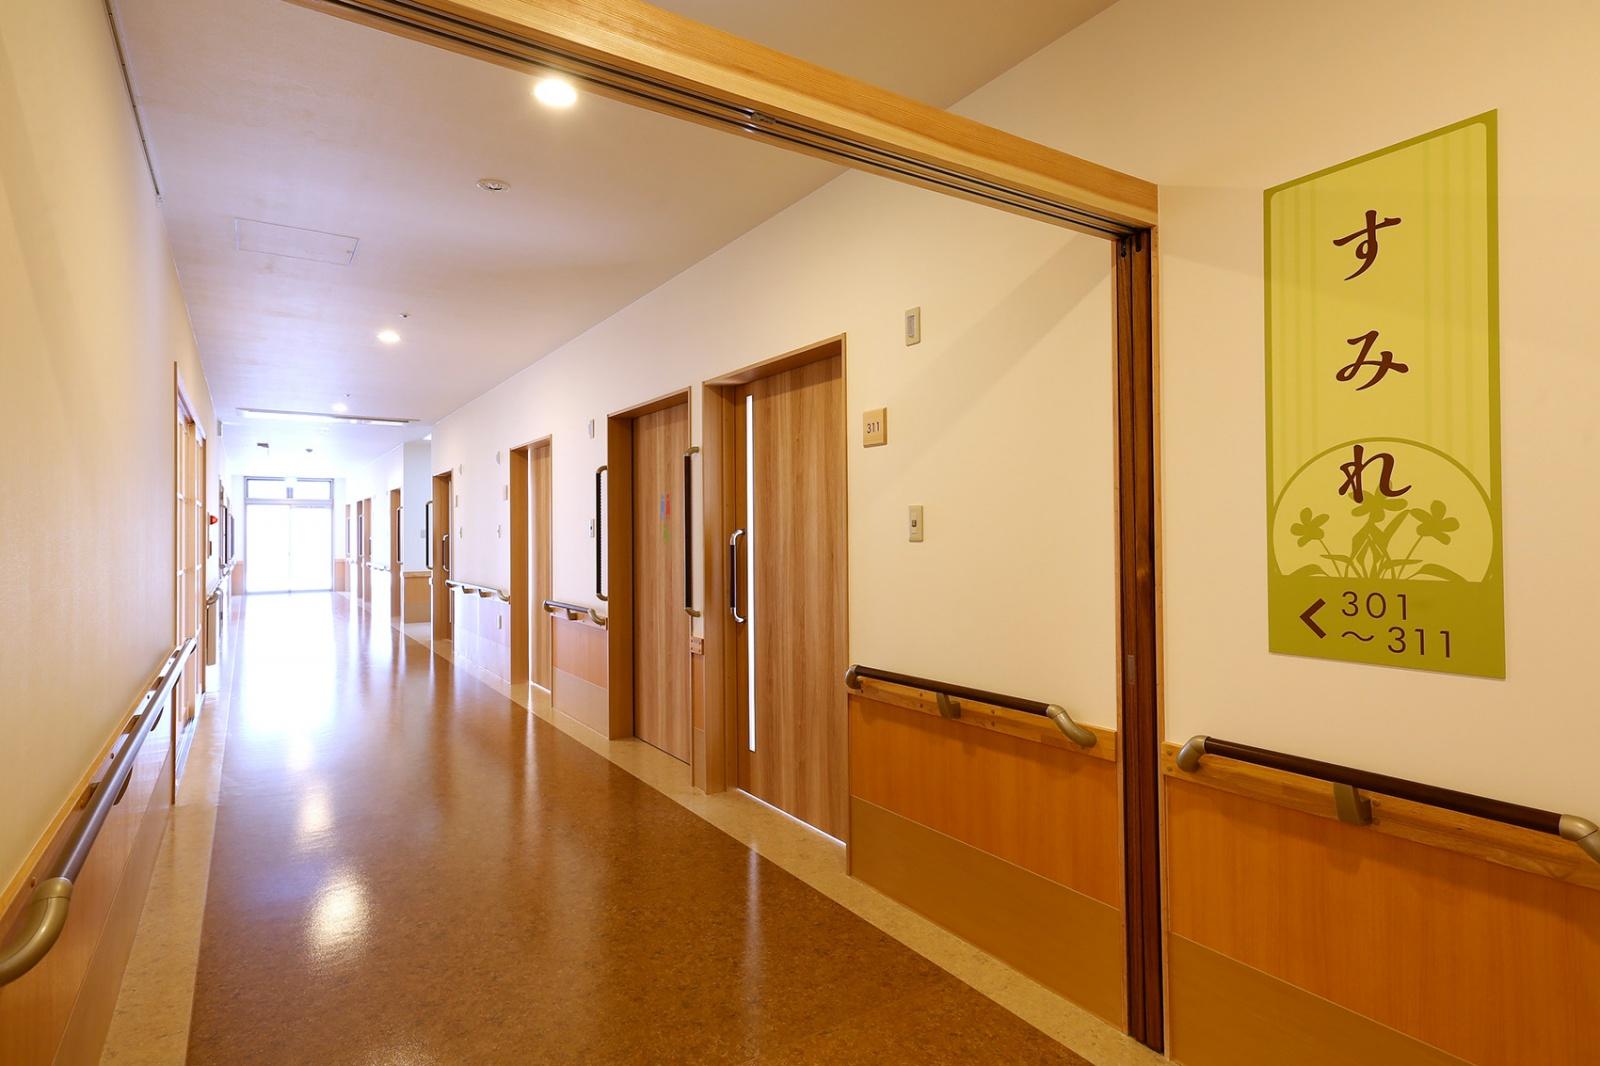 共用の廊下は幅が広く、陽光がふんだんに入ってきます。